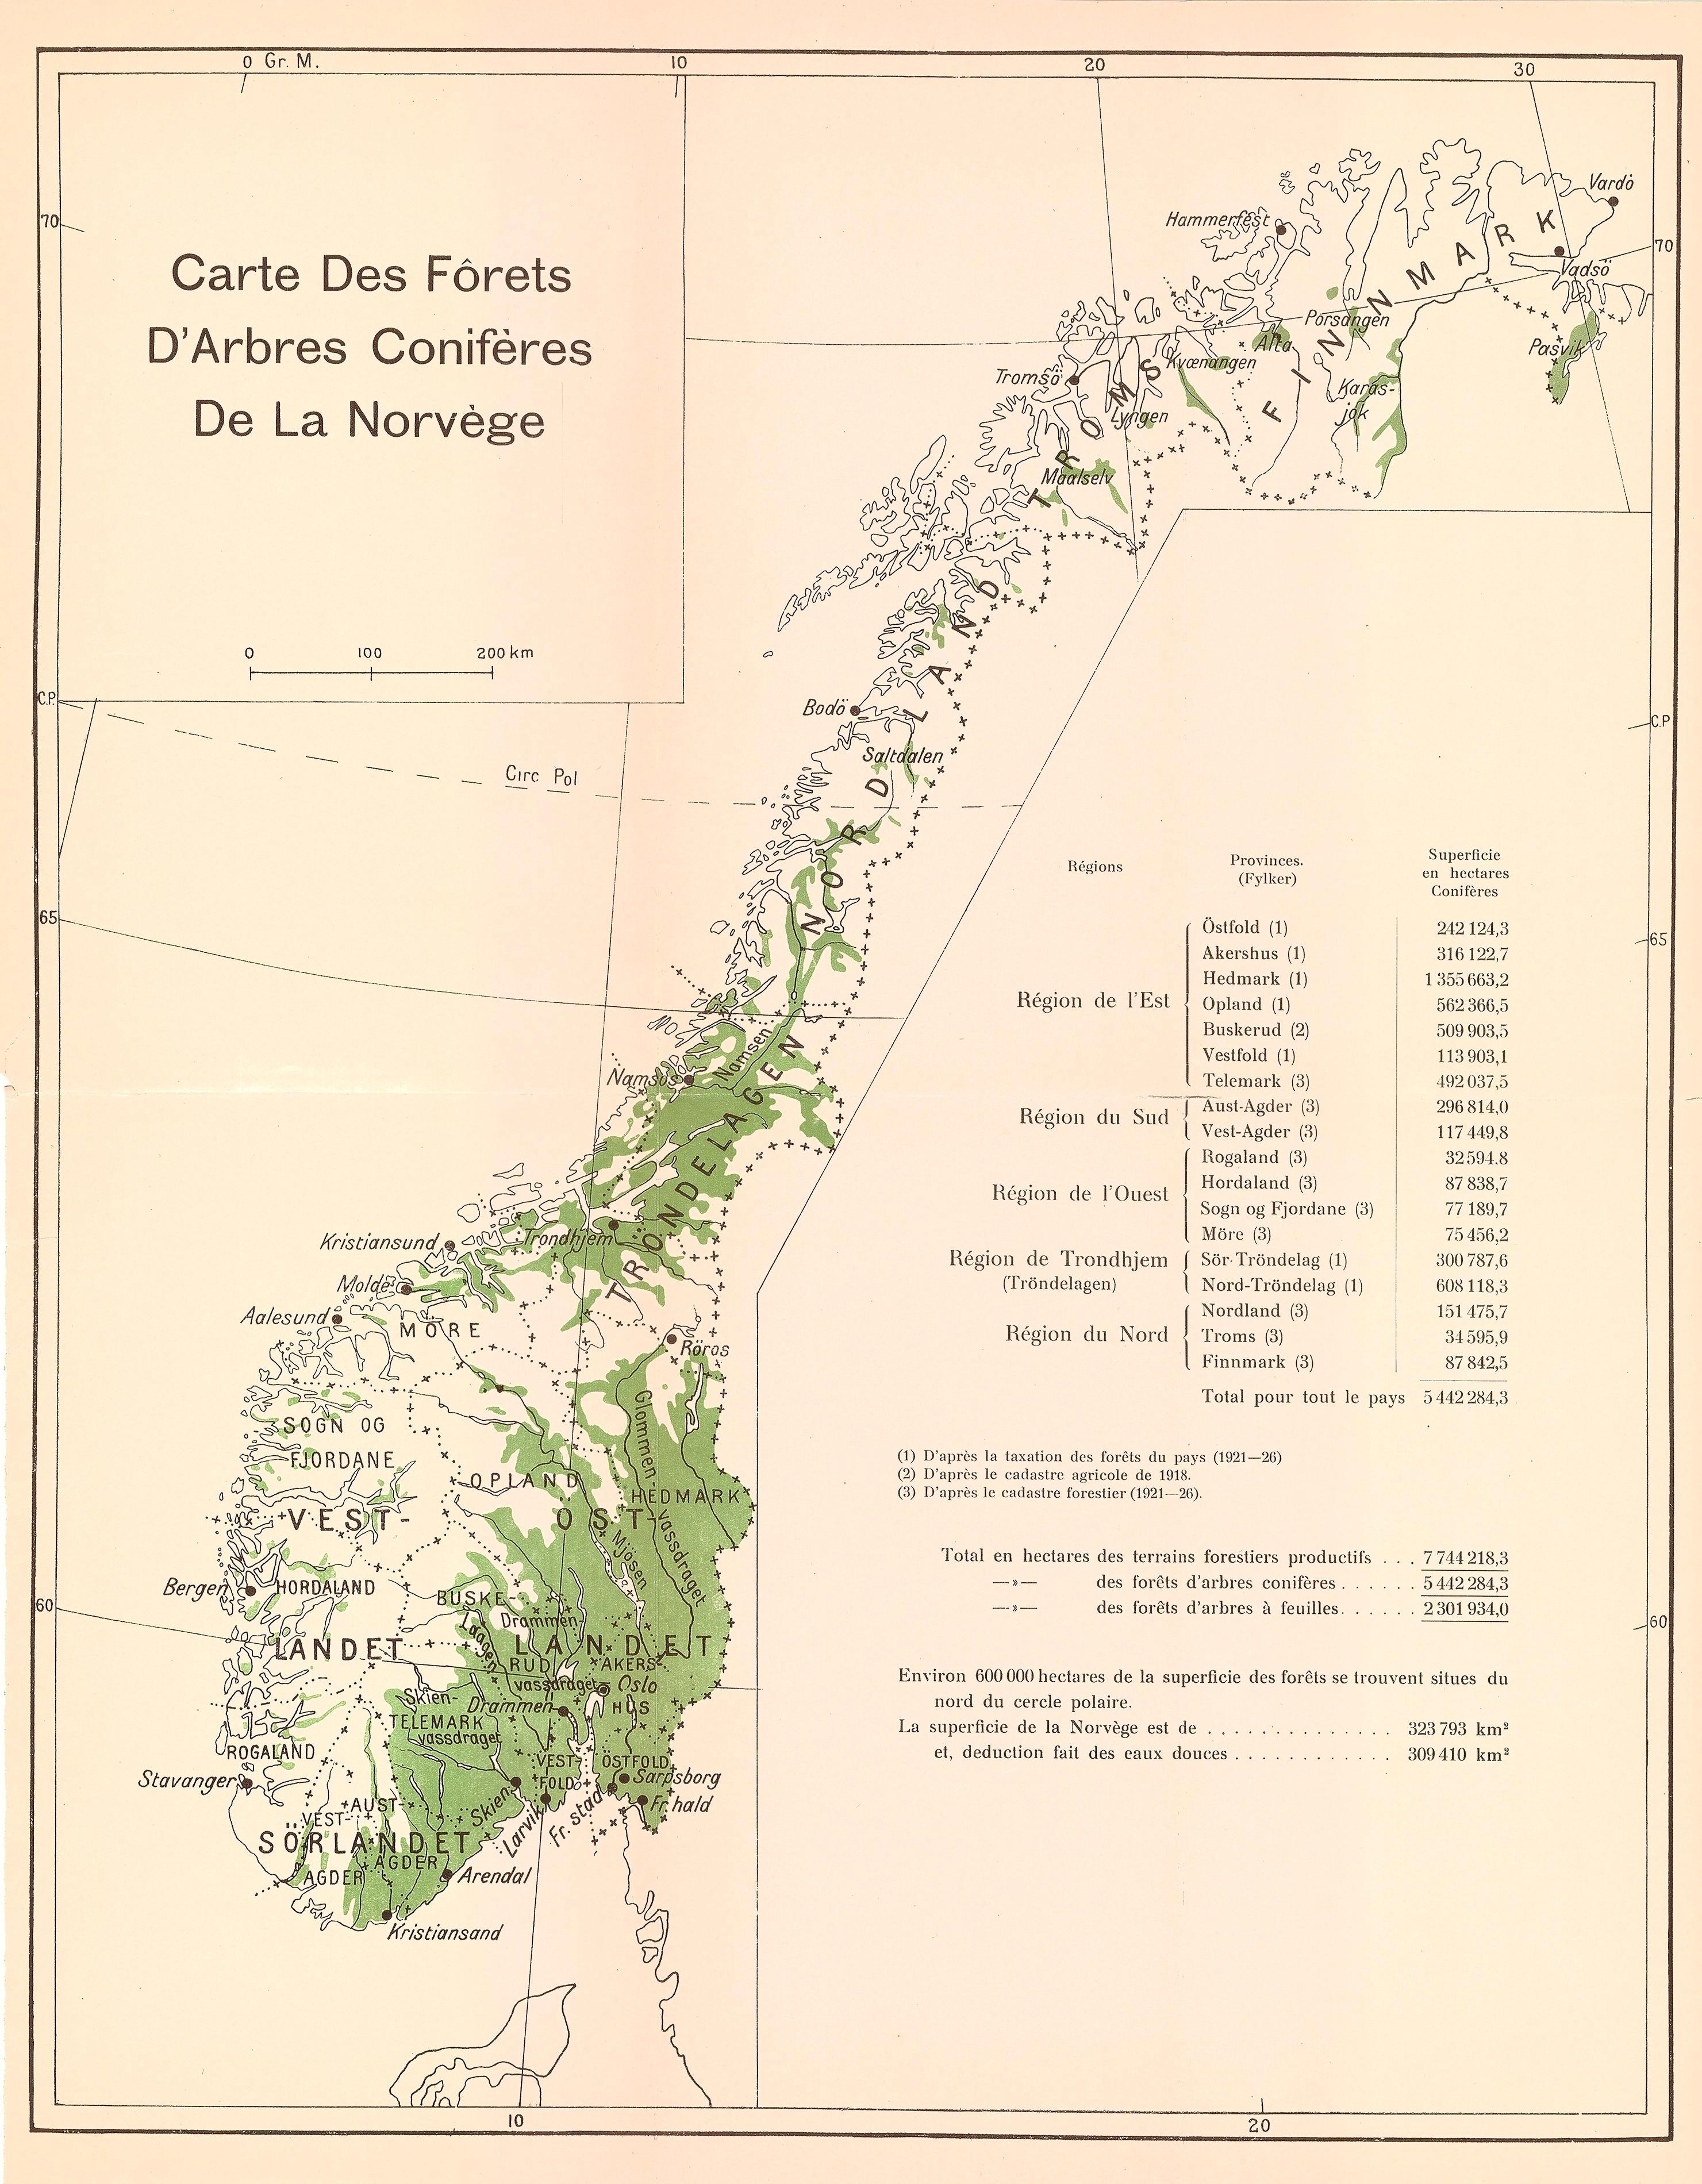 Norgeskart Der Omrader Med Betydelige Forekomster Av Barskog Er